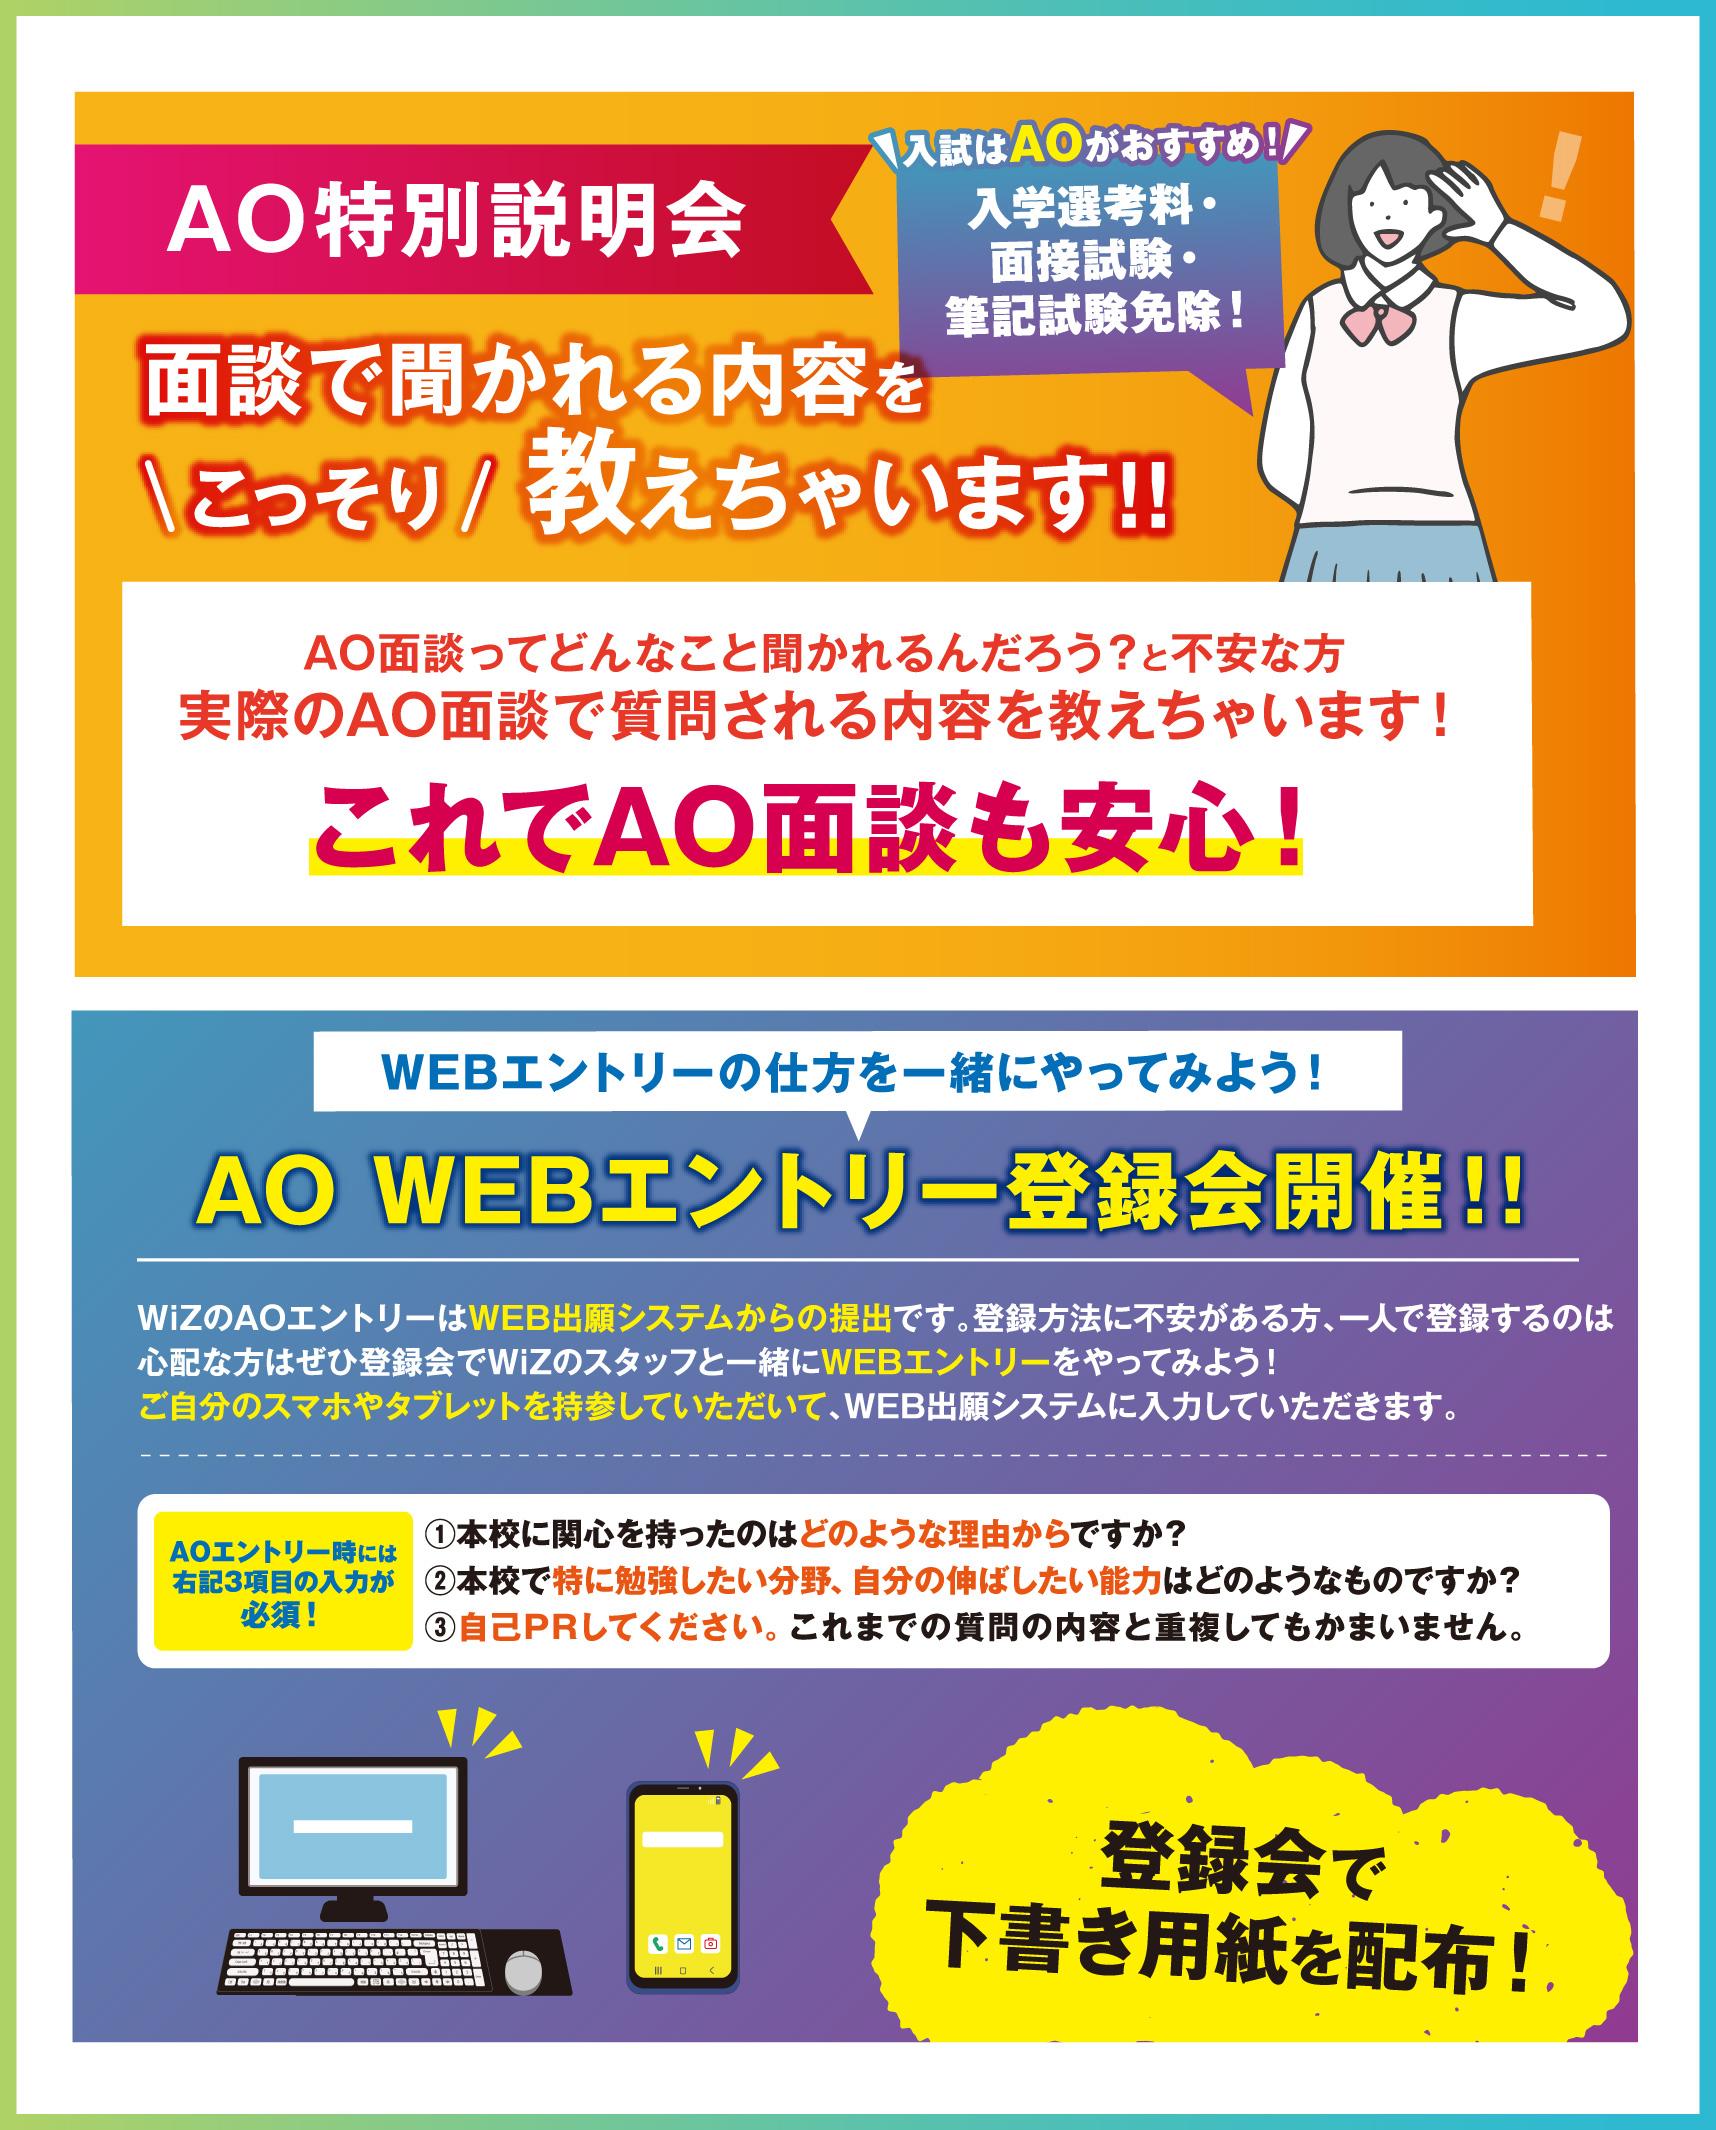 AO特別説明会/AO WEBエントリー登録会開催